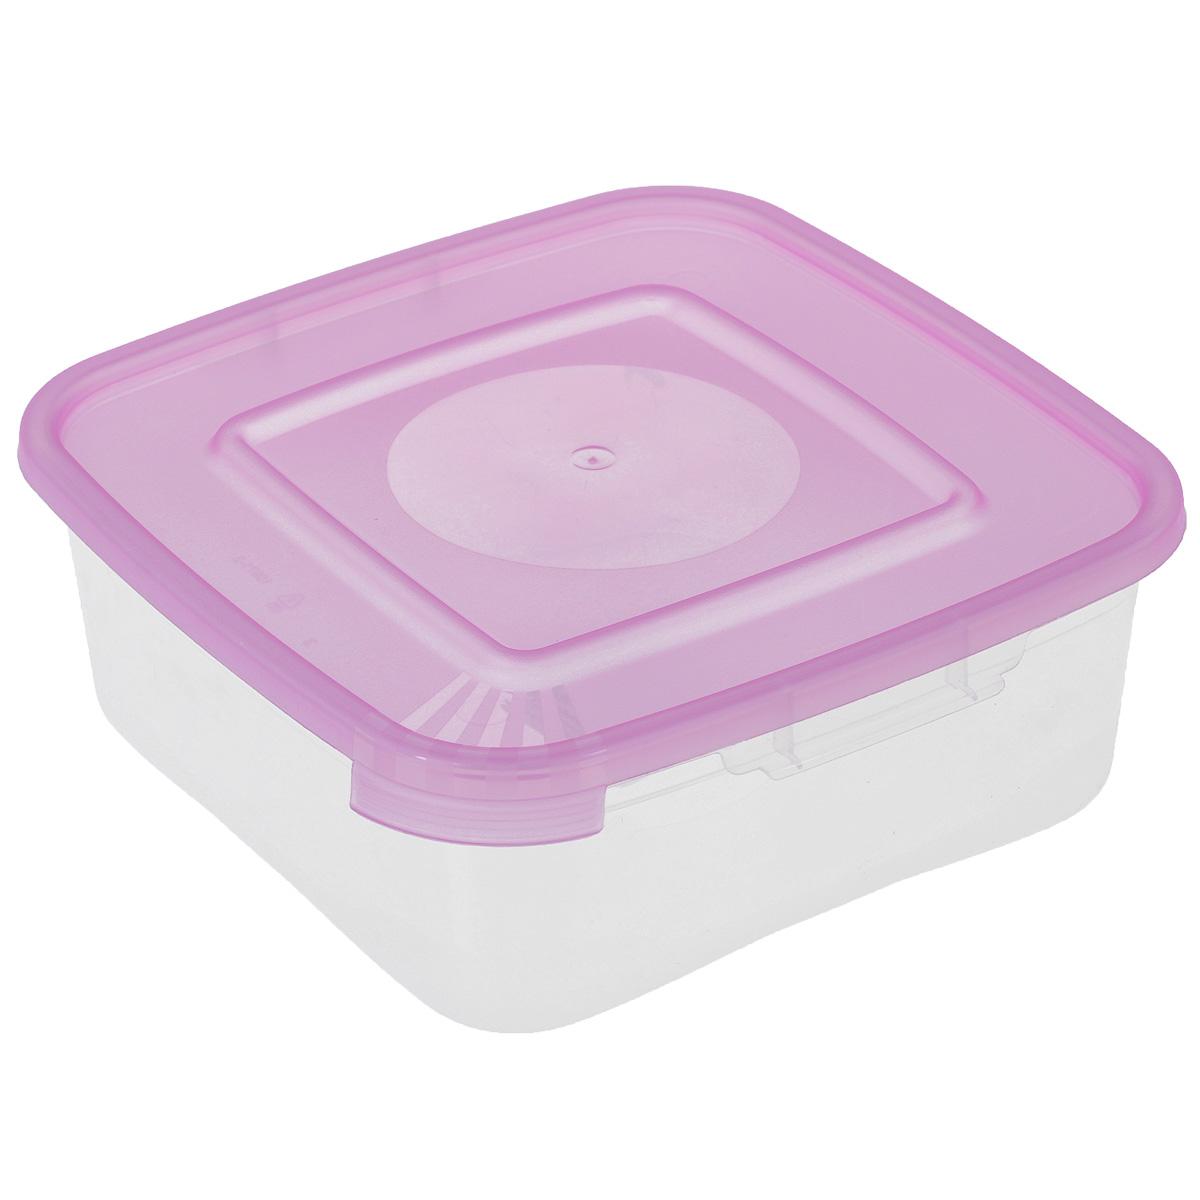 Контейнер Полимербыт Каскад, цвет: розовый, 700 млС640Контейнер Полимербыт Каскад квадратной формы, изготовленный из прочного пластика, предназначен специально для хранения пищевых продуктов. Крышка легко открывается и плотно закрывается. Прозрачные стенки позволяют видеть содержимое. Контейнер устойчив к воздействию масел и жиров, легко моется. Контейнер имеет возможность хранения продуктов глубокой заморозки, обладает высокой прочностью. Можно мыть в посудомоечной машине. Подходит для использования в микроволновых печах.